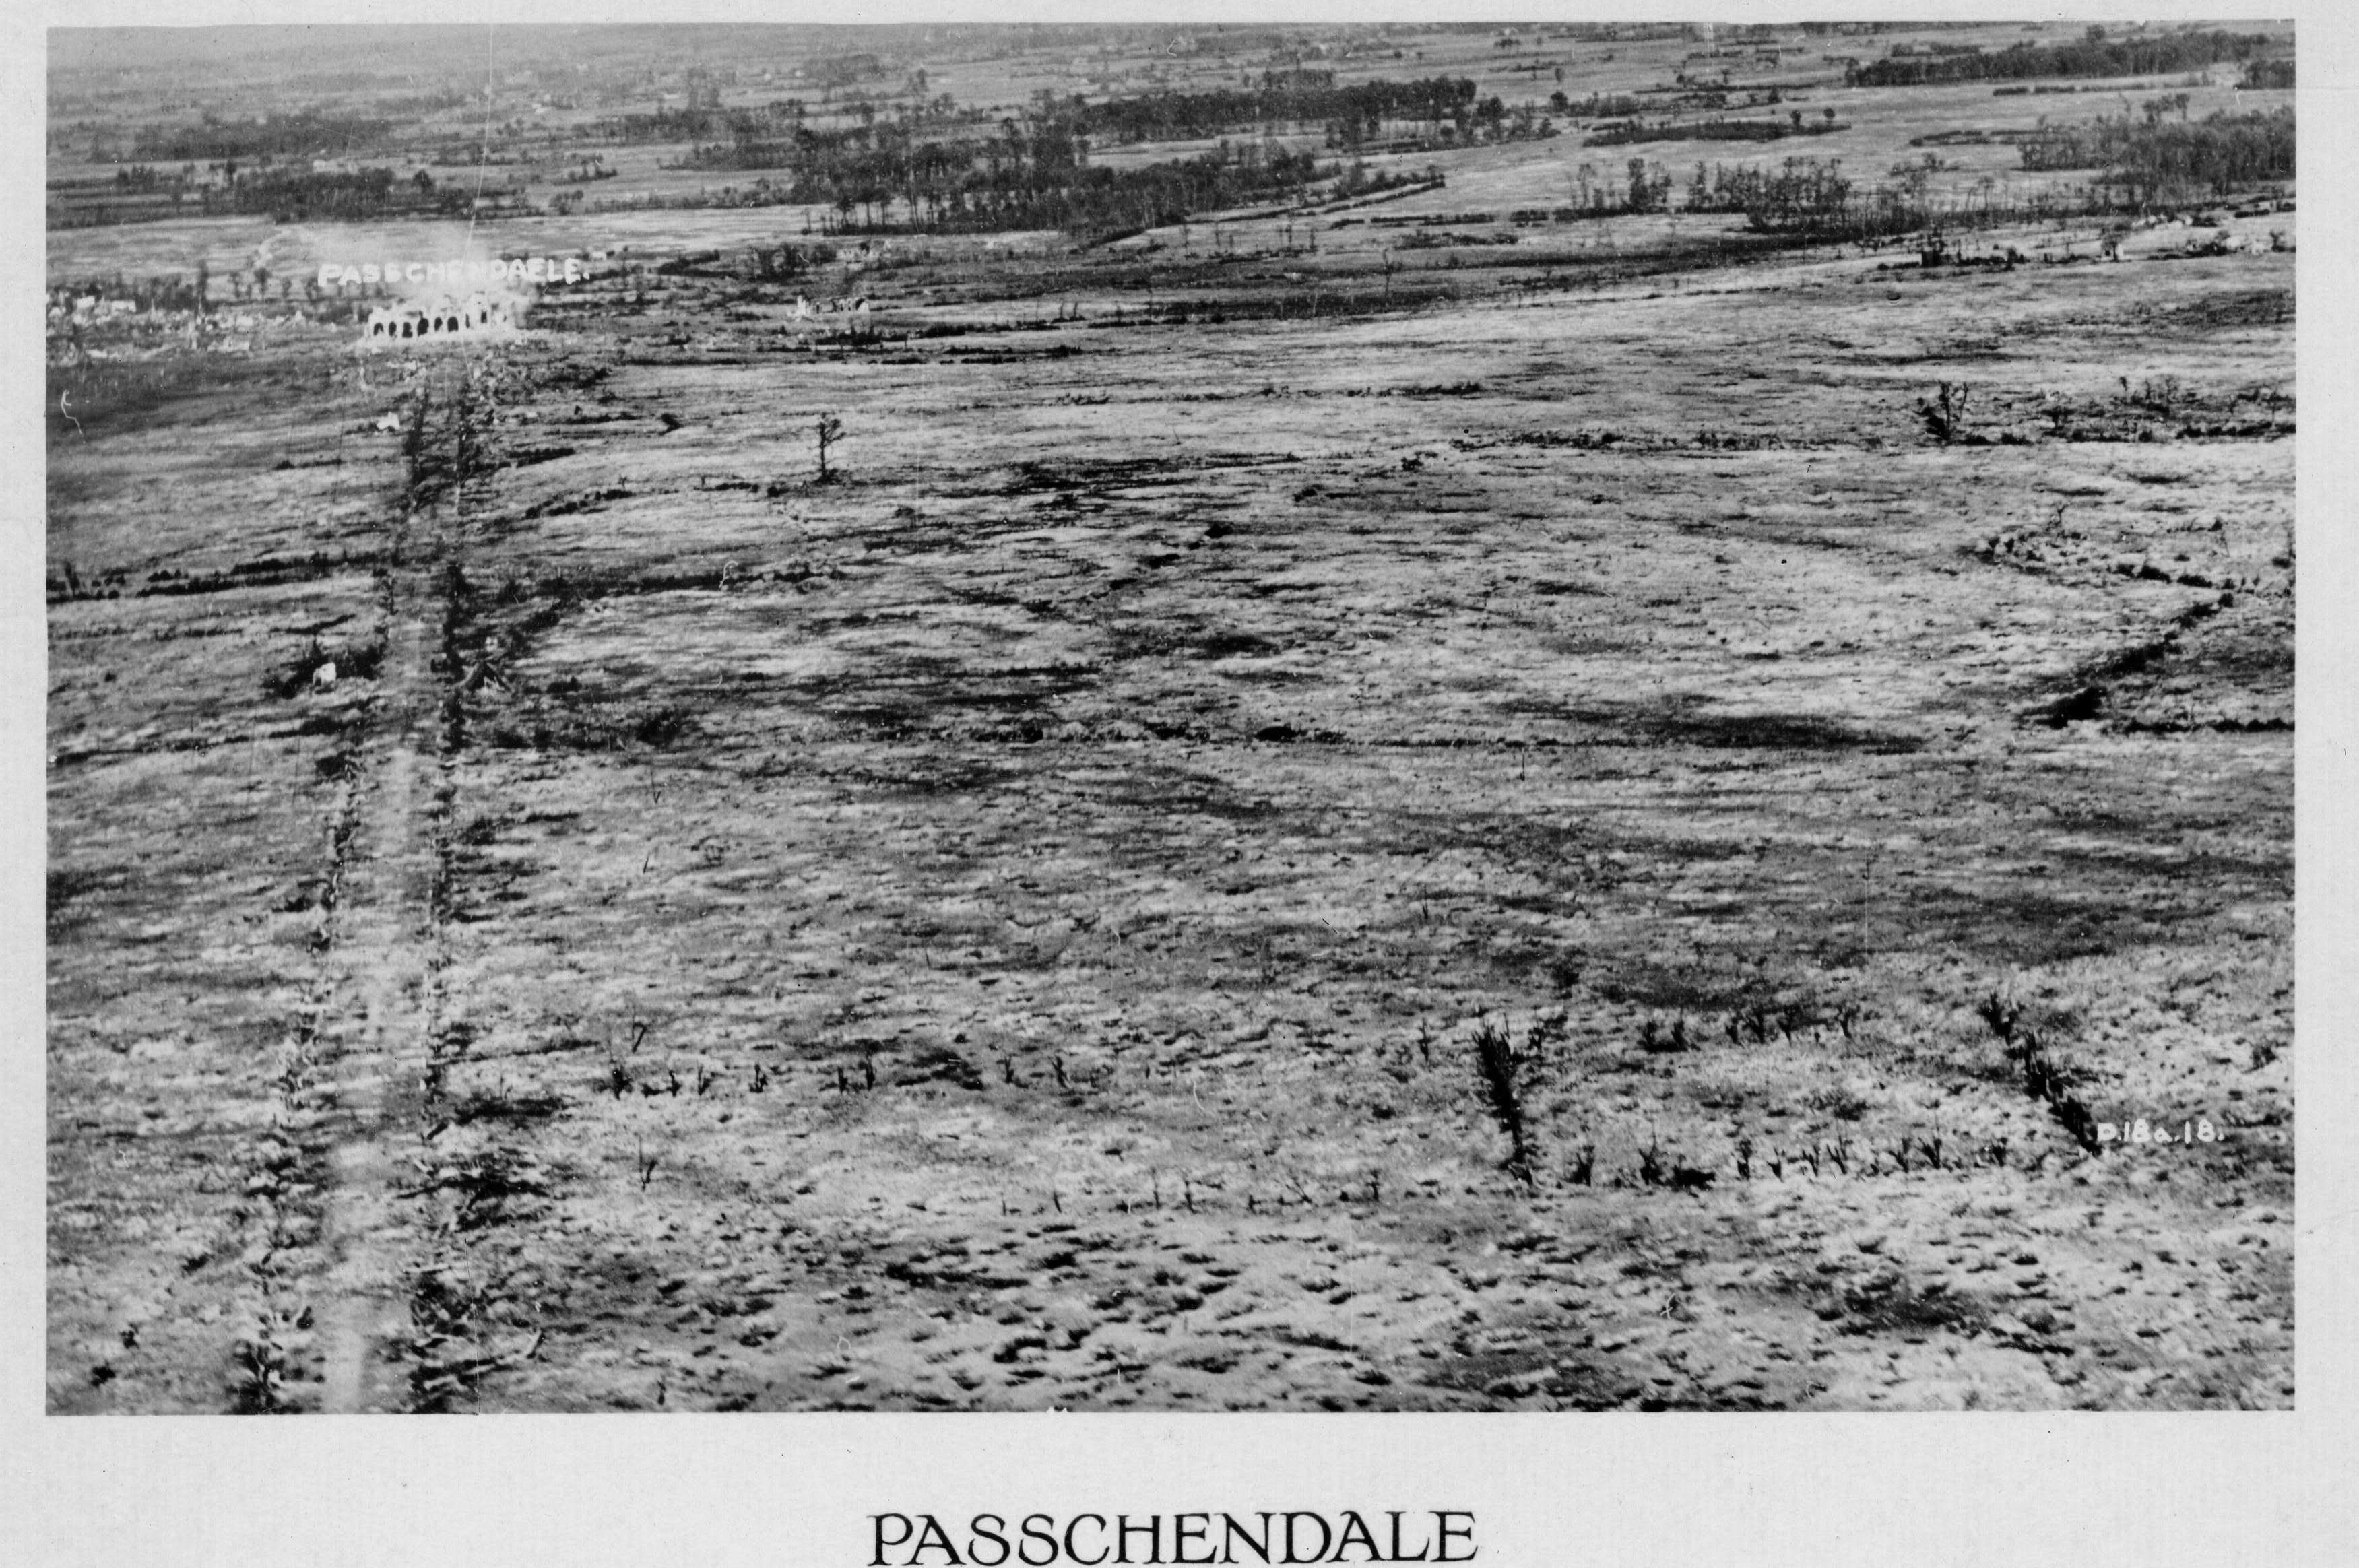 De slag bij Passchendaele, oktober 1917 (Memoriaal Museum Passchendaele 1917)